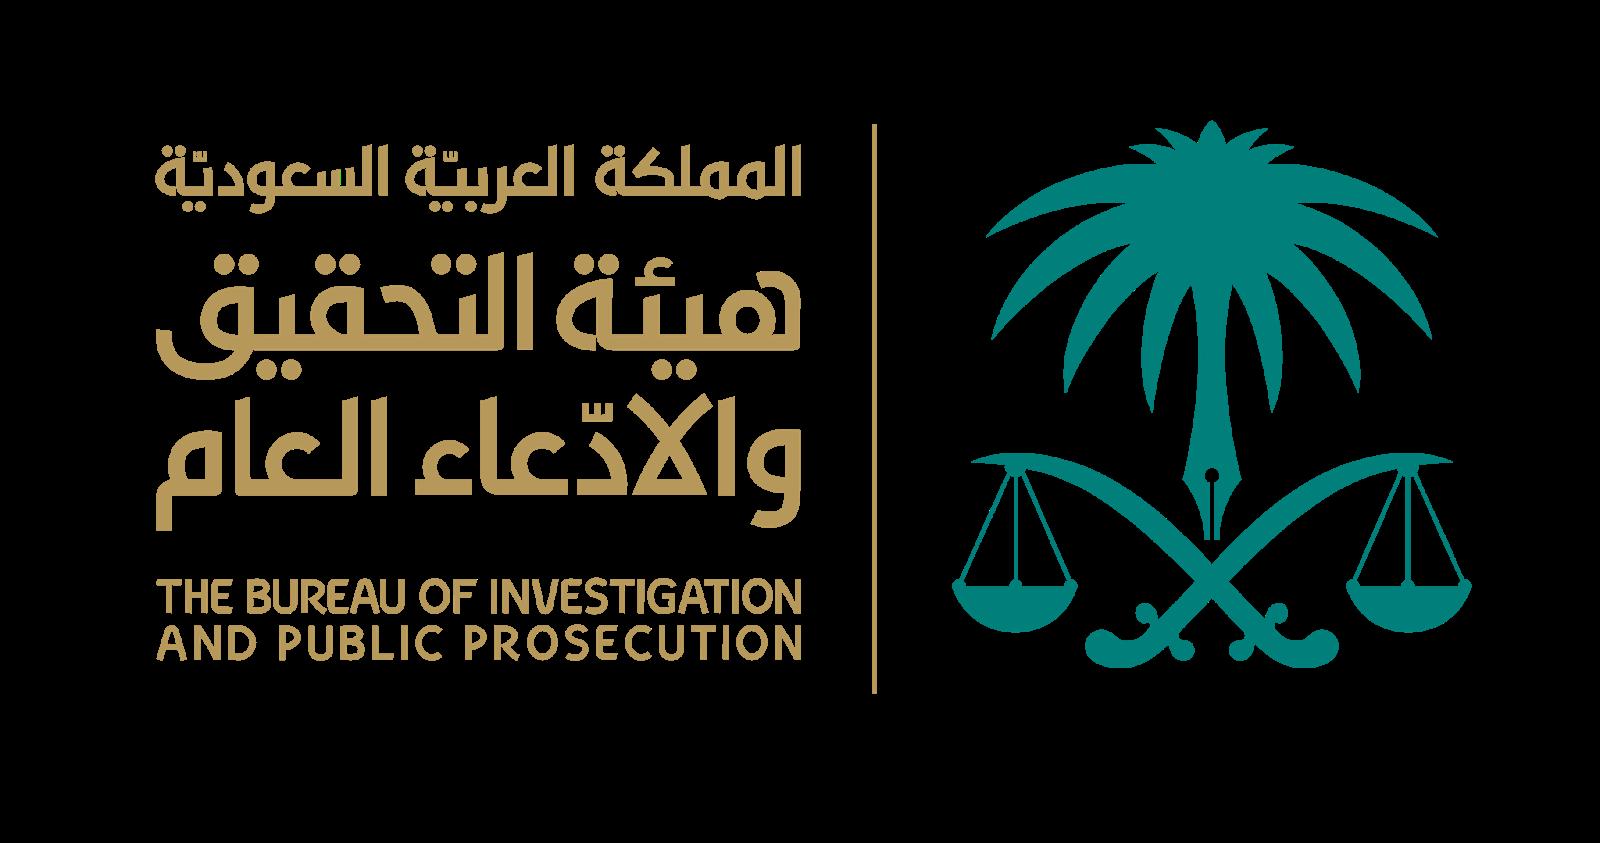 رابط التقديم علي وظائف شاغرة النيابة العامة السعودية 1439 وشروط التقدم